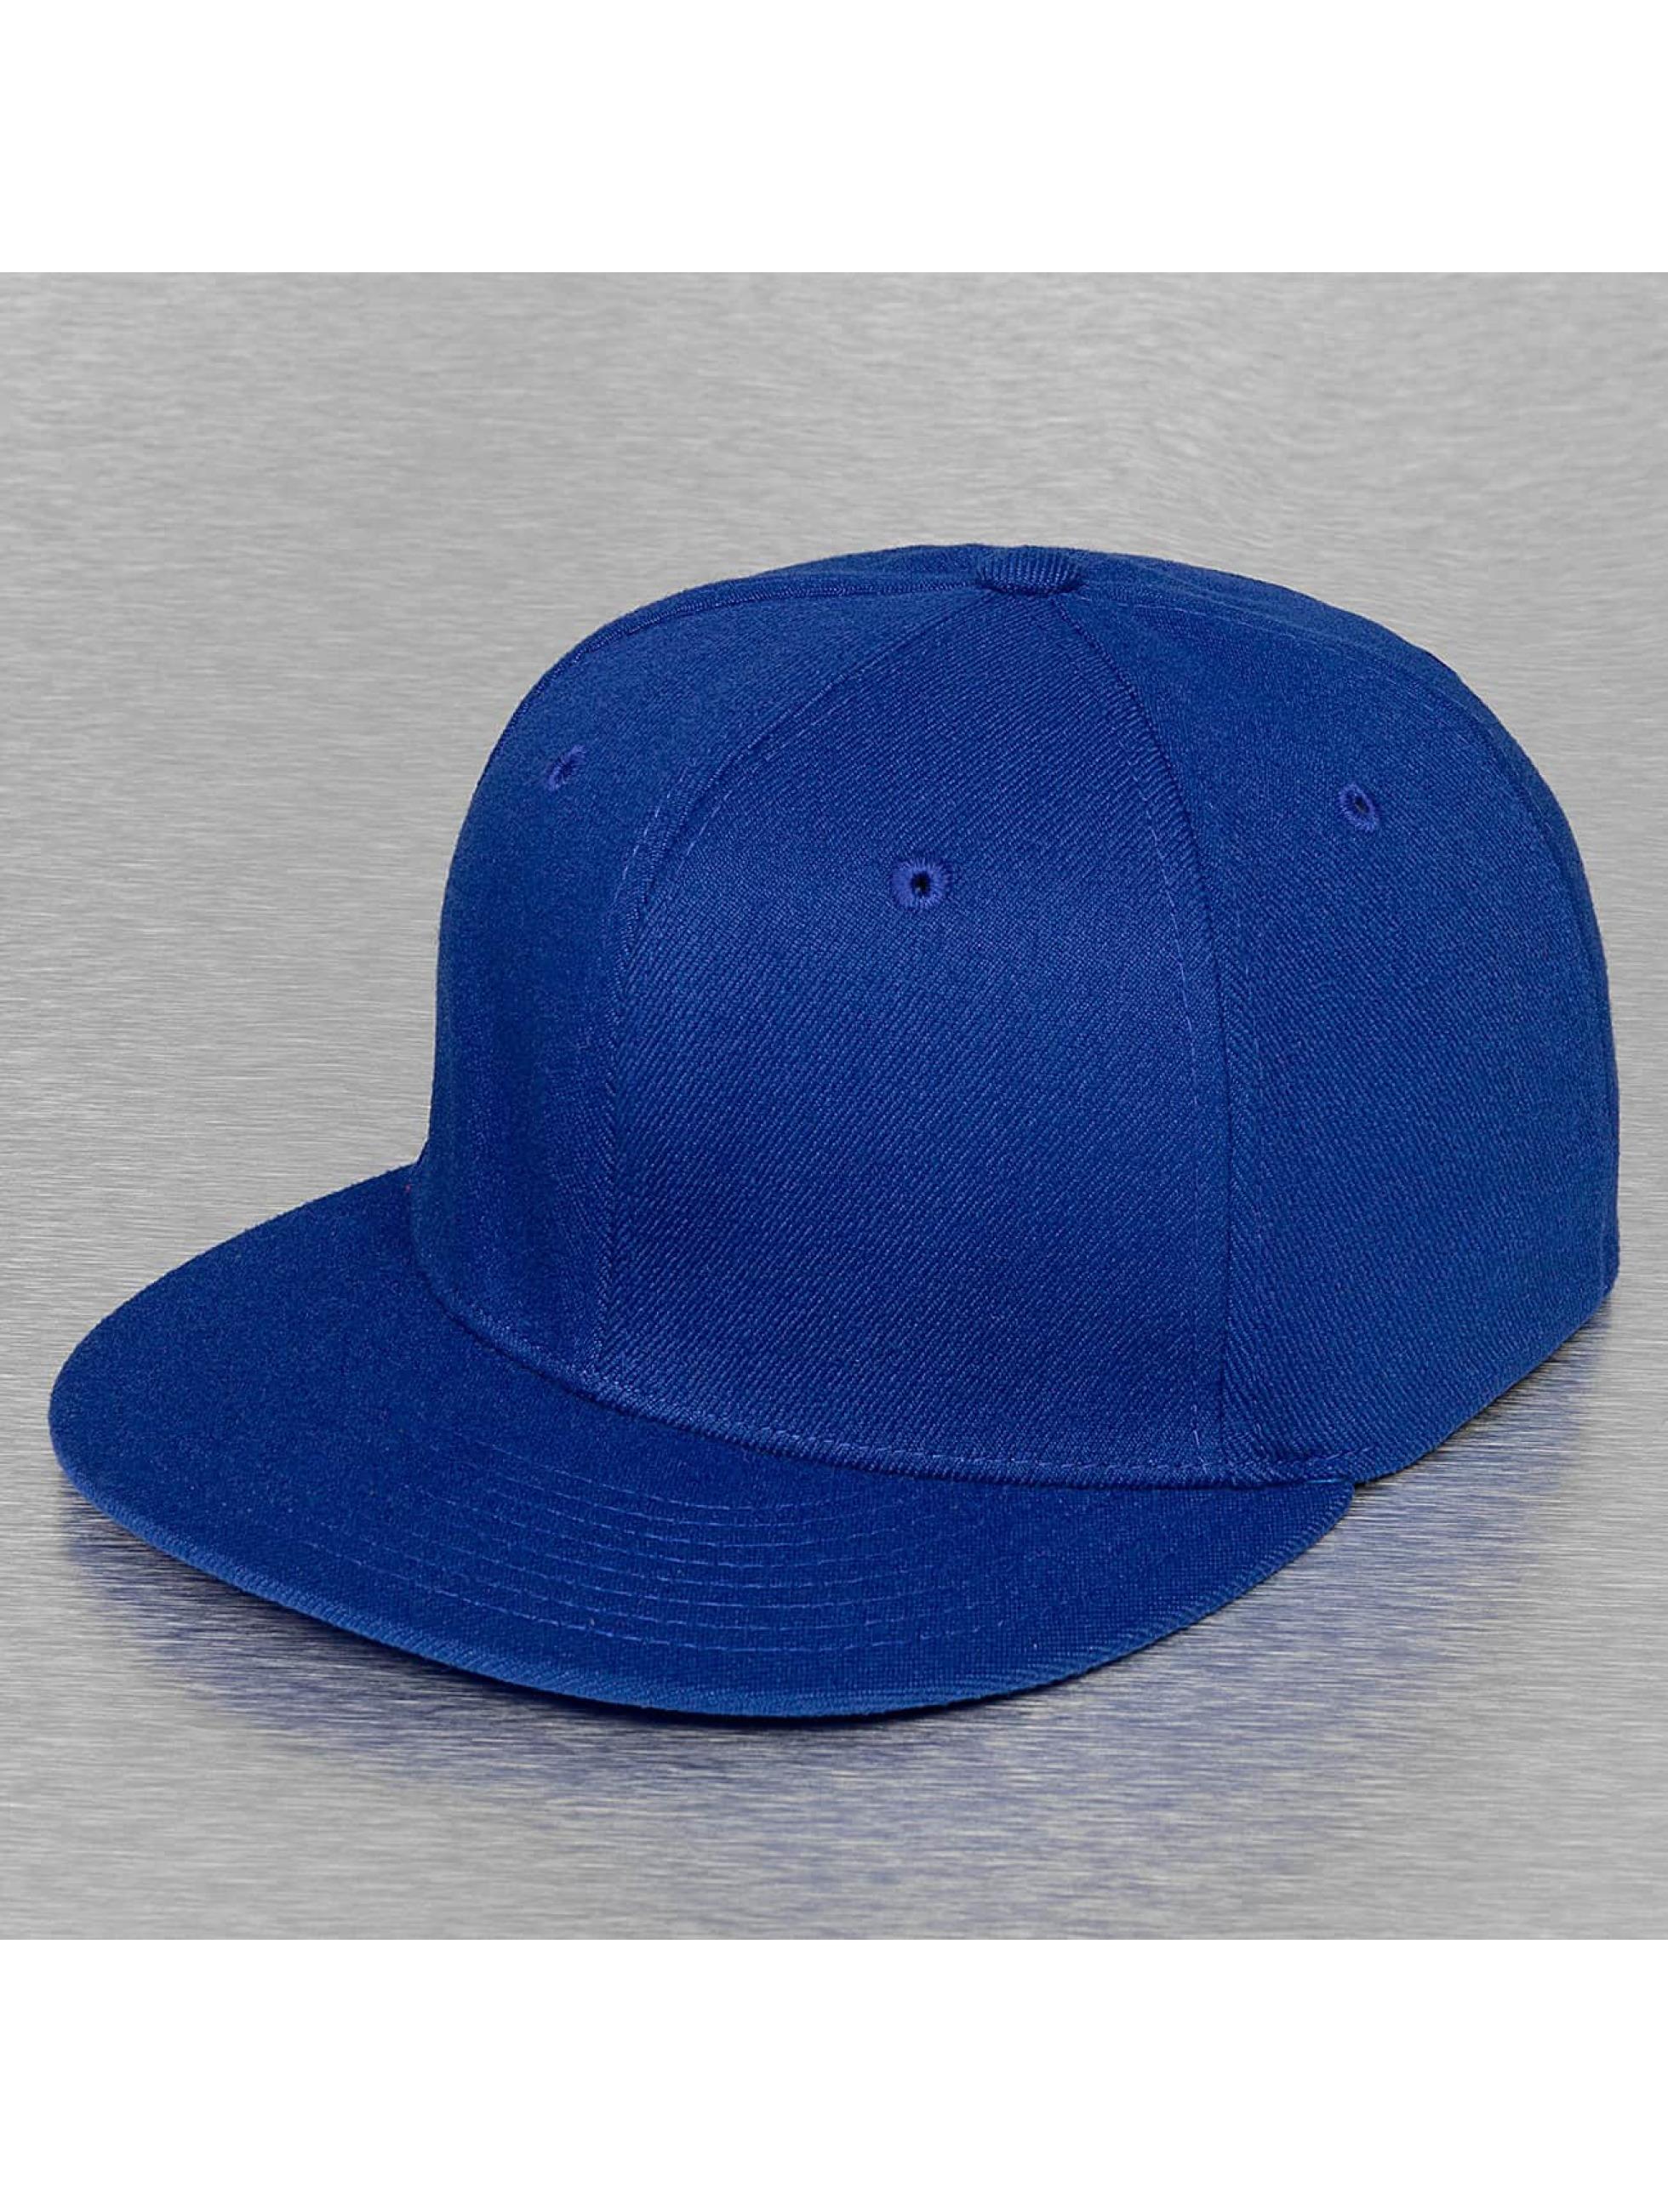 Decky USA Männer,Frauen Flexfitted Cap Flat Bill in blau